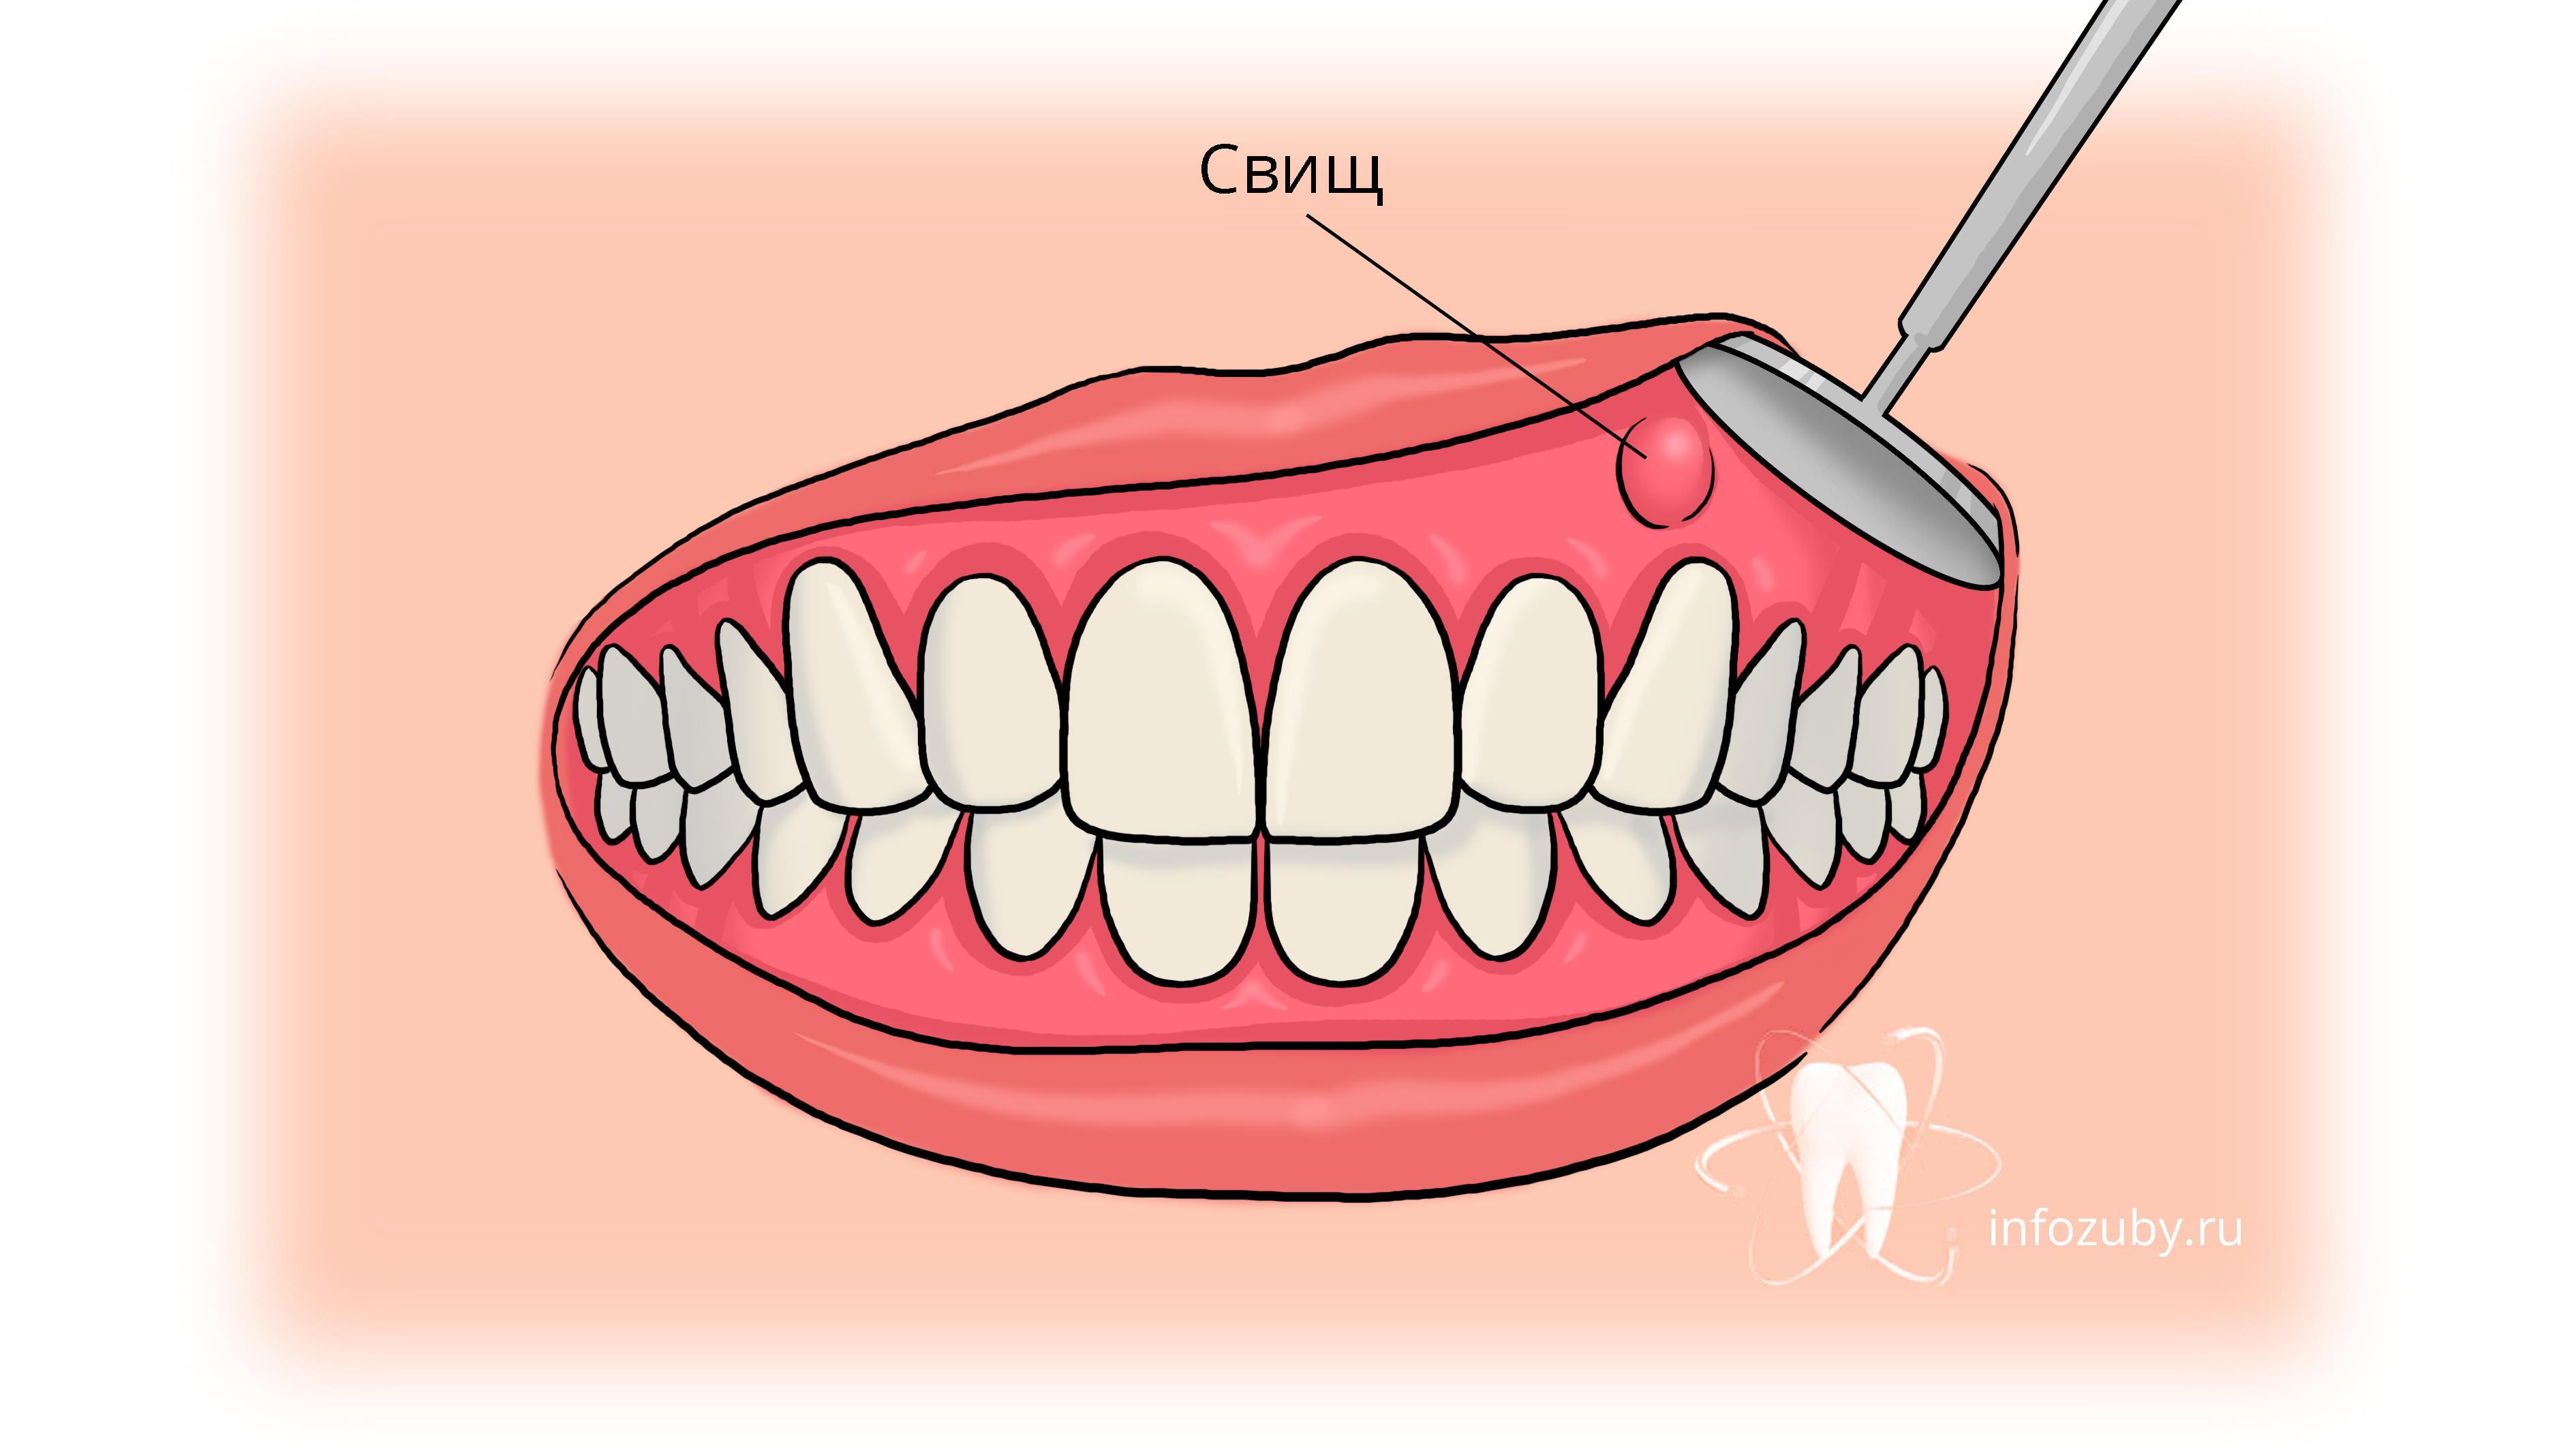 Что такое зубной свищ?